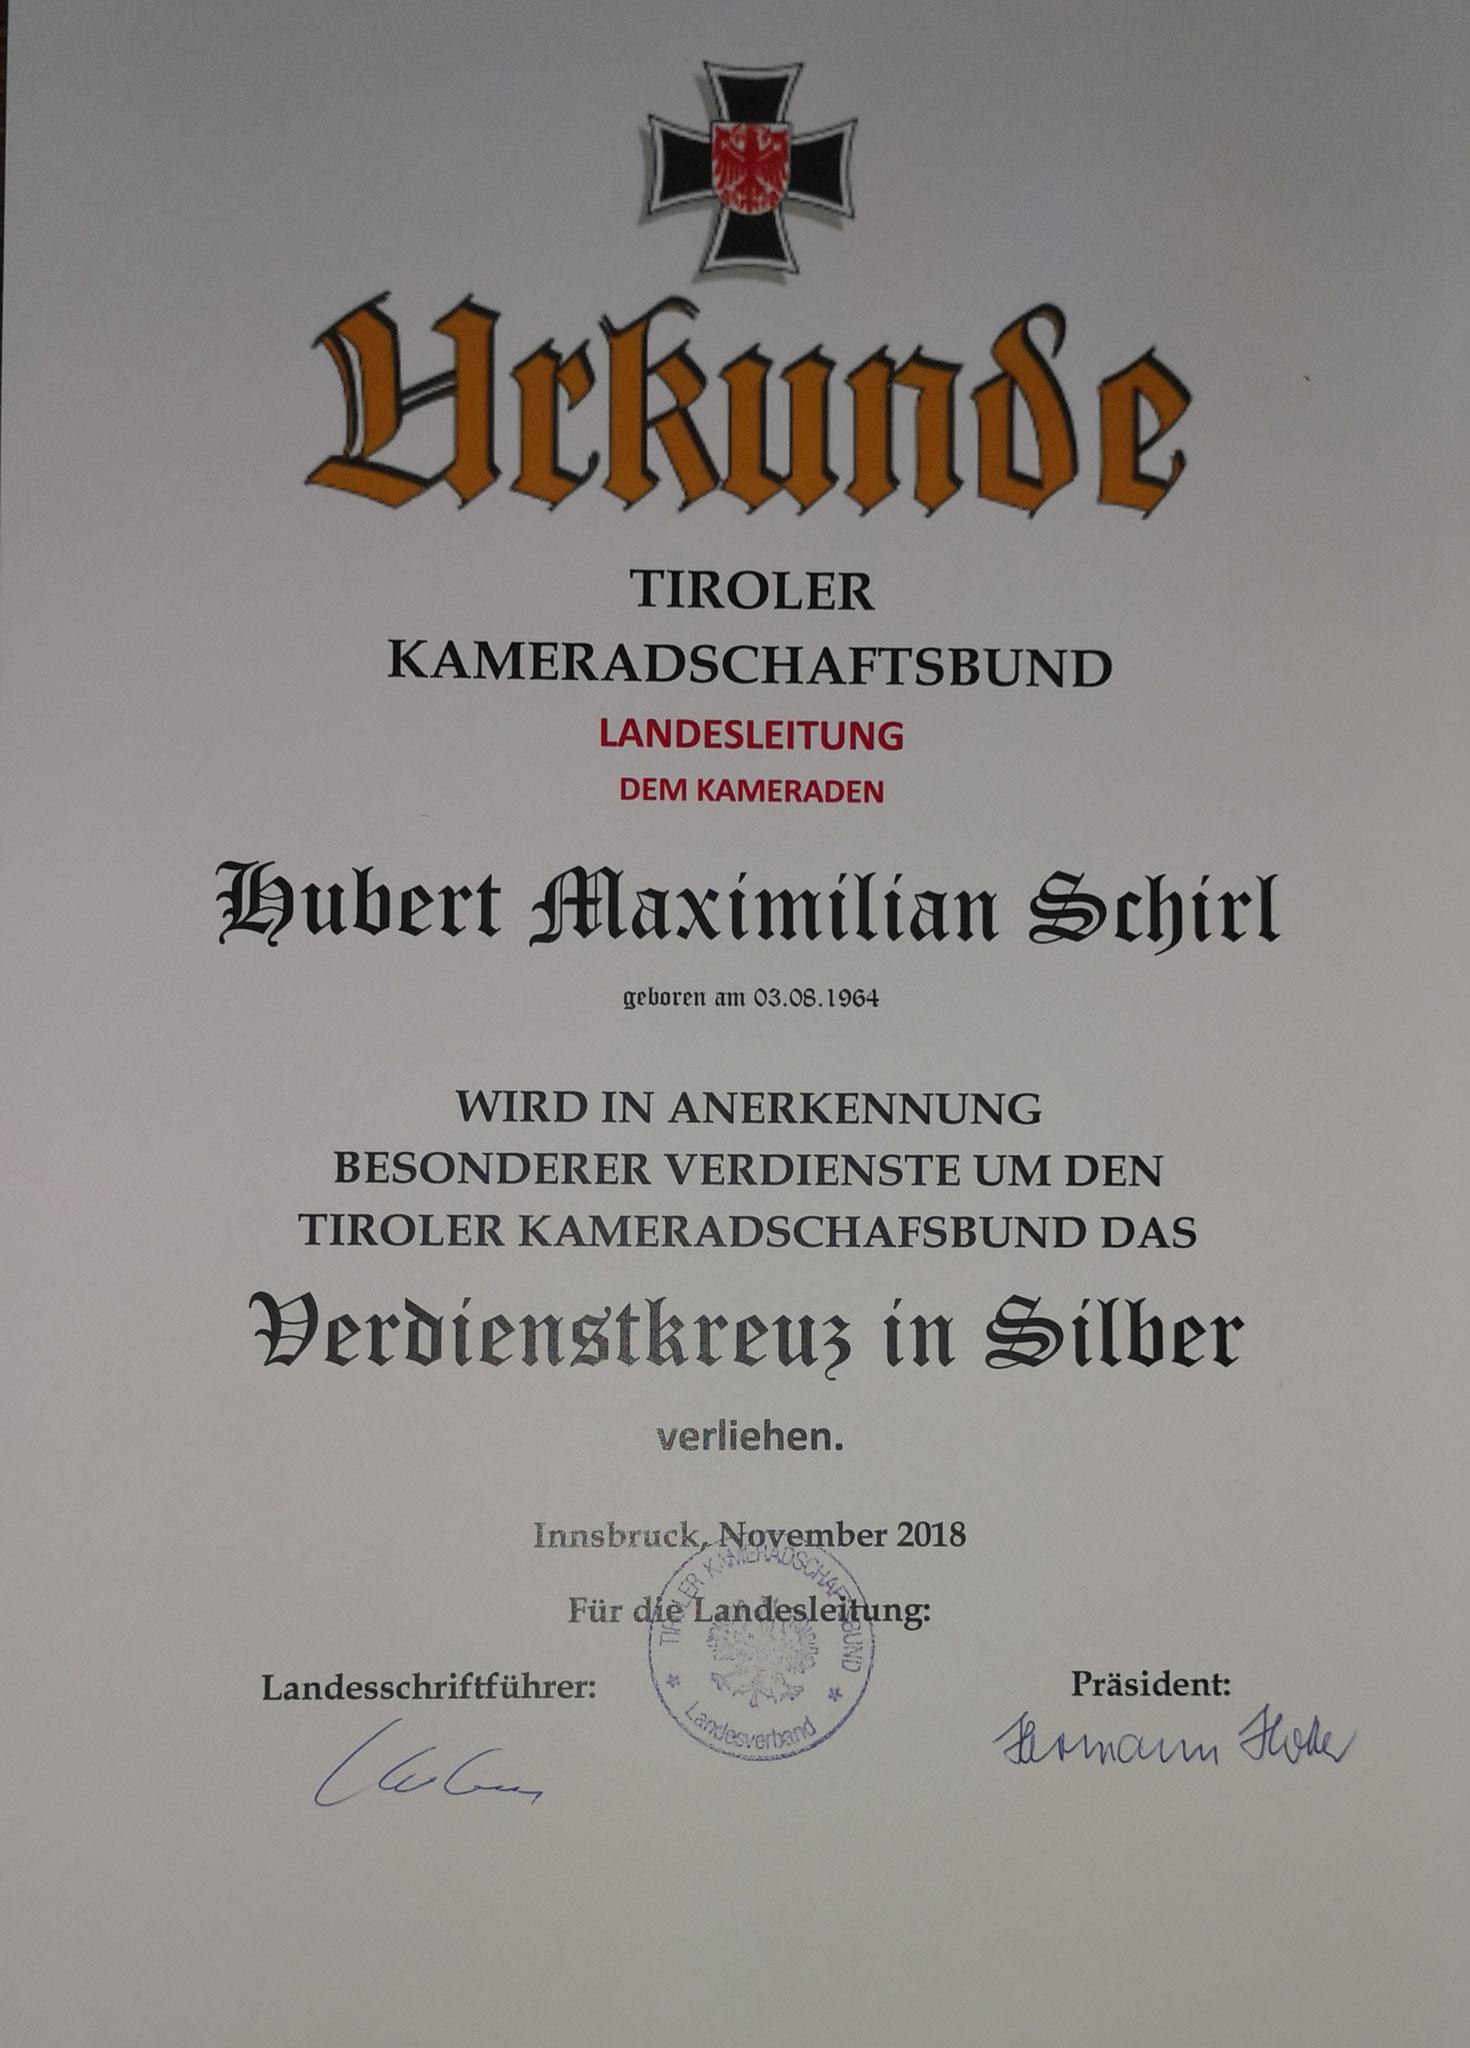 Silbernes Verdienstkreuz des Tiroler Kameradschaftsbund